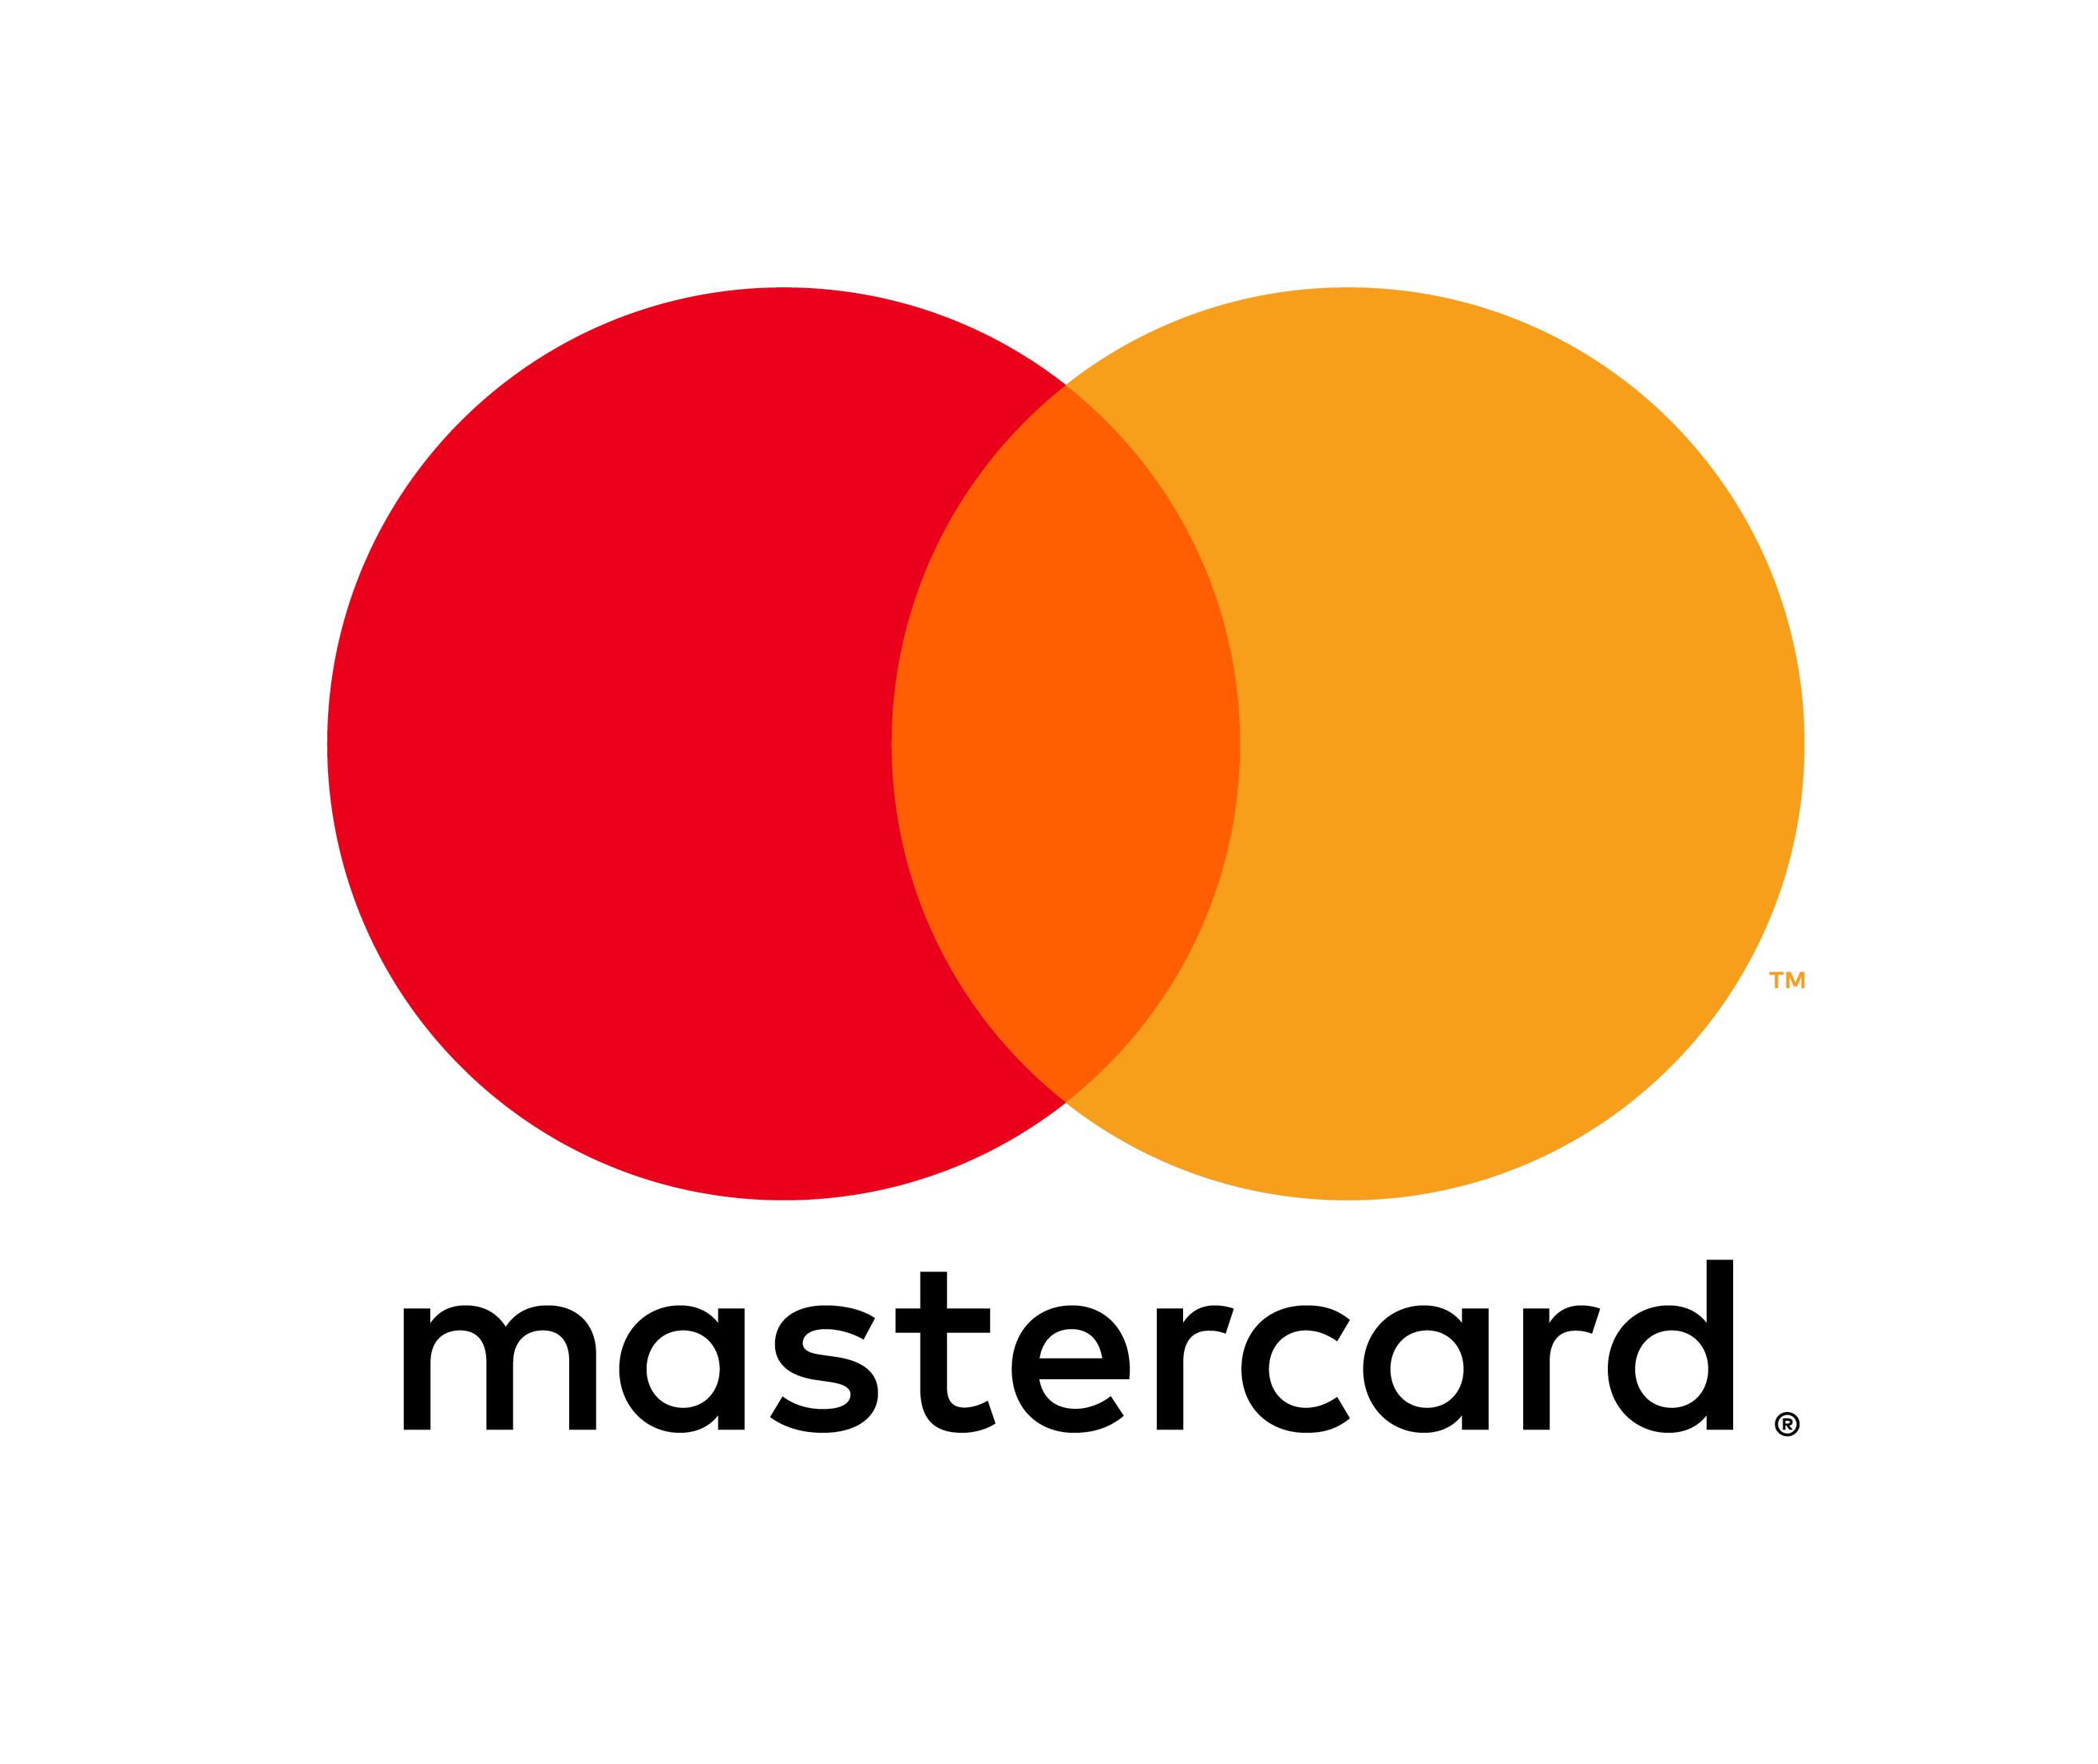 Mastercard Mengumumkan Penunjukan Dua Eksekutif Senior Baru  di Indonesia